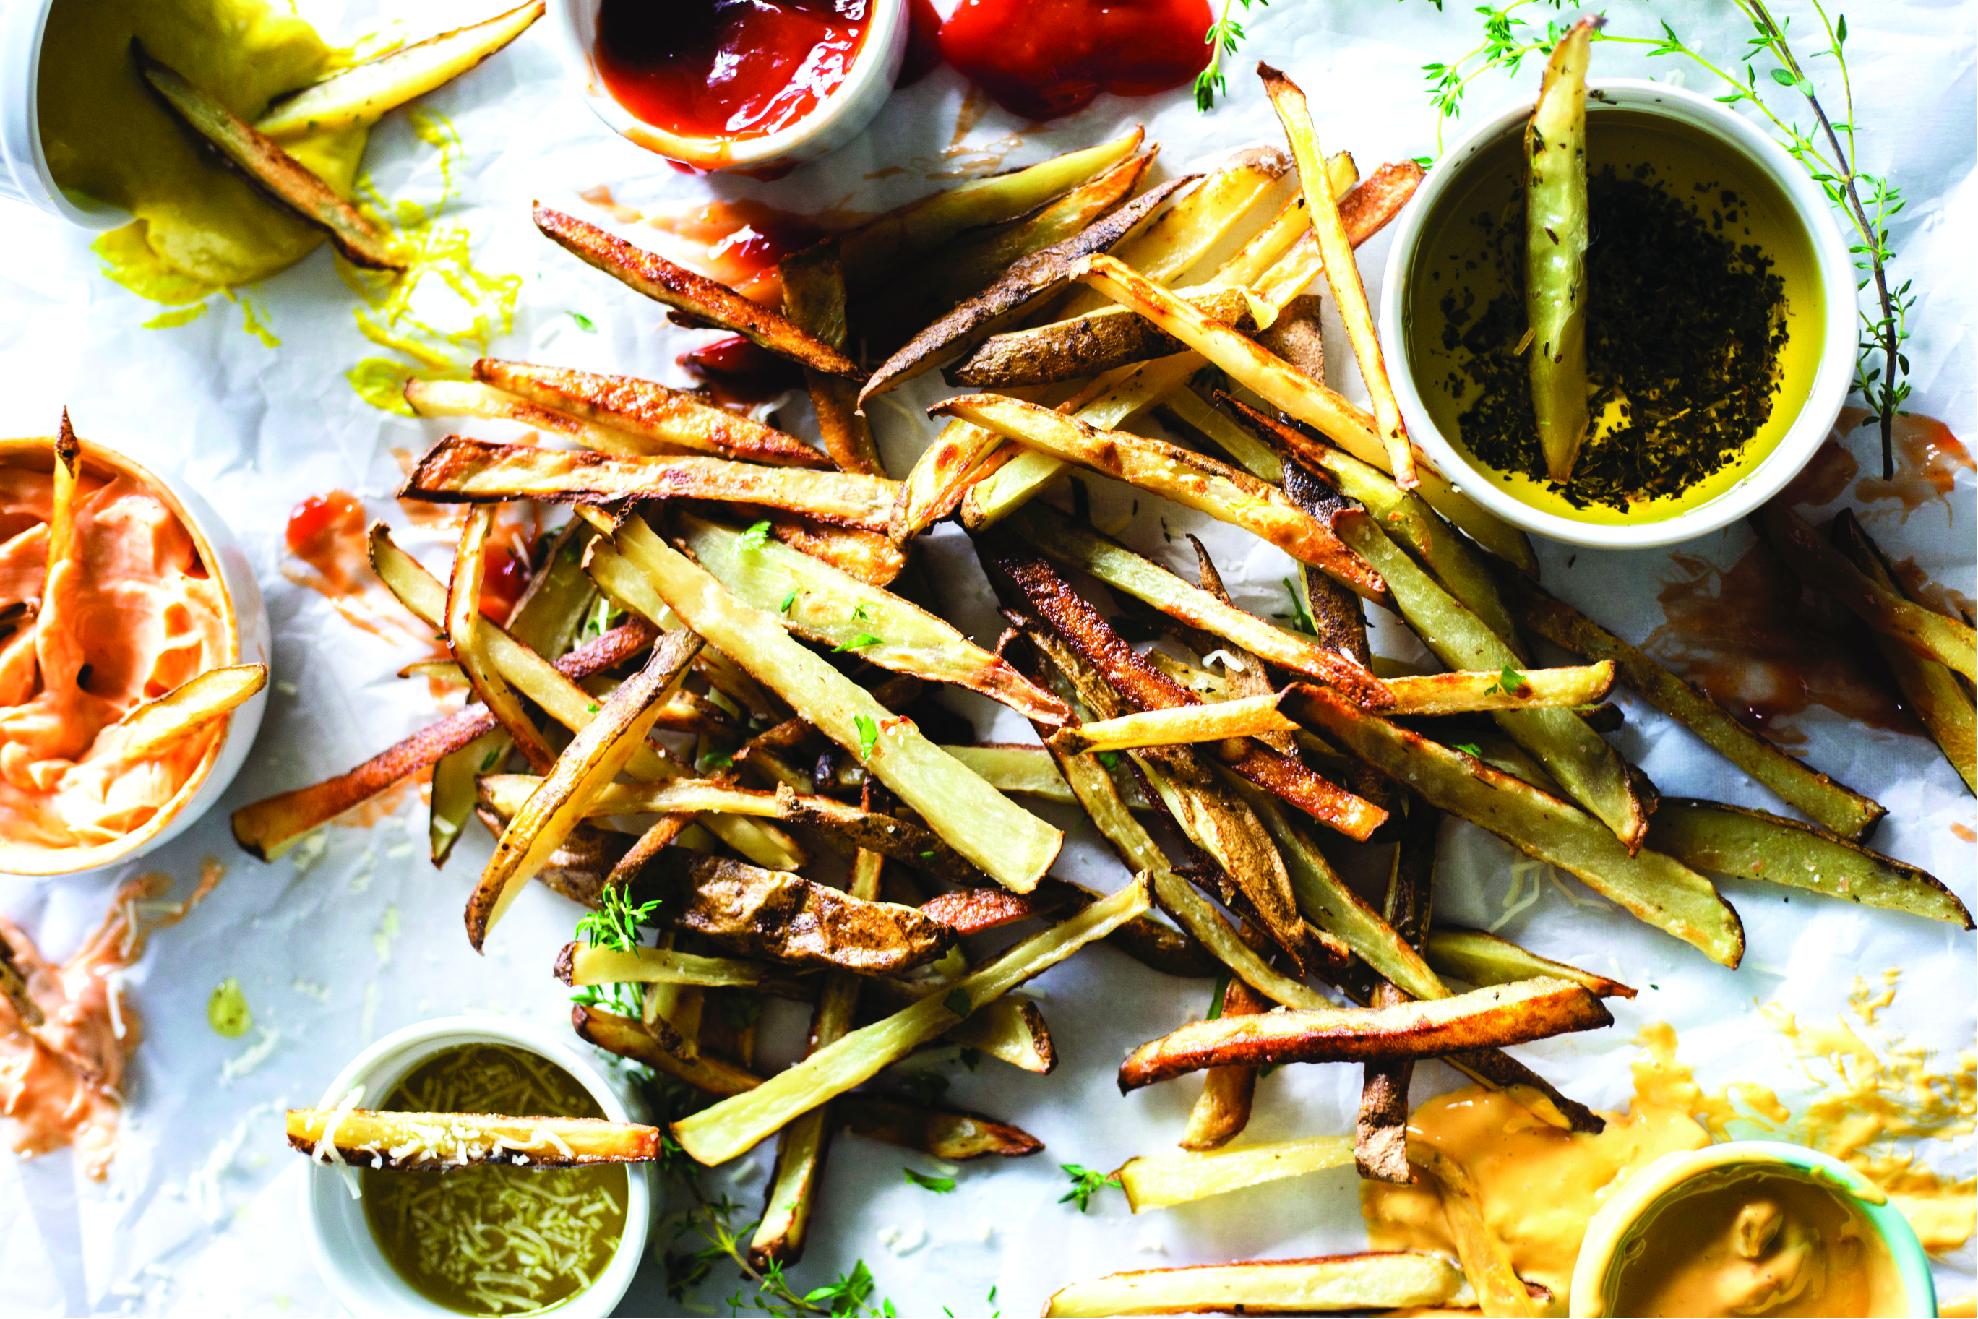 fries-02-08.jpg